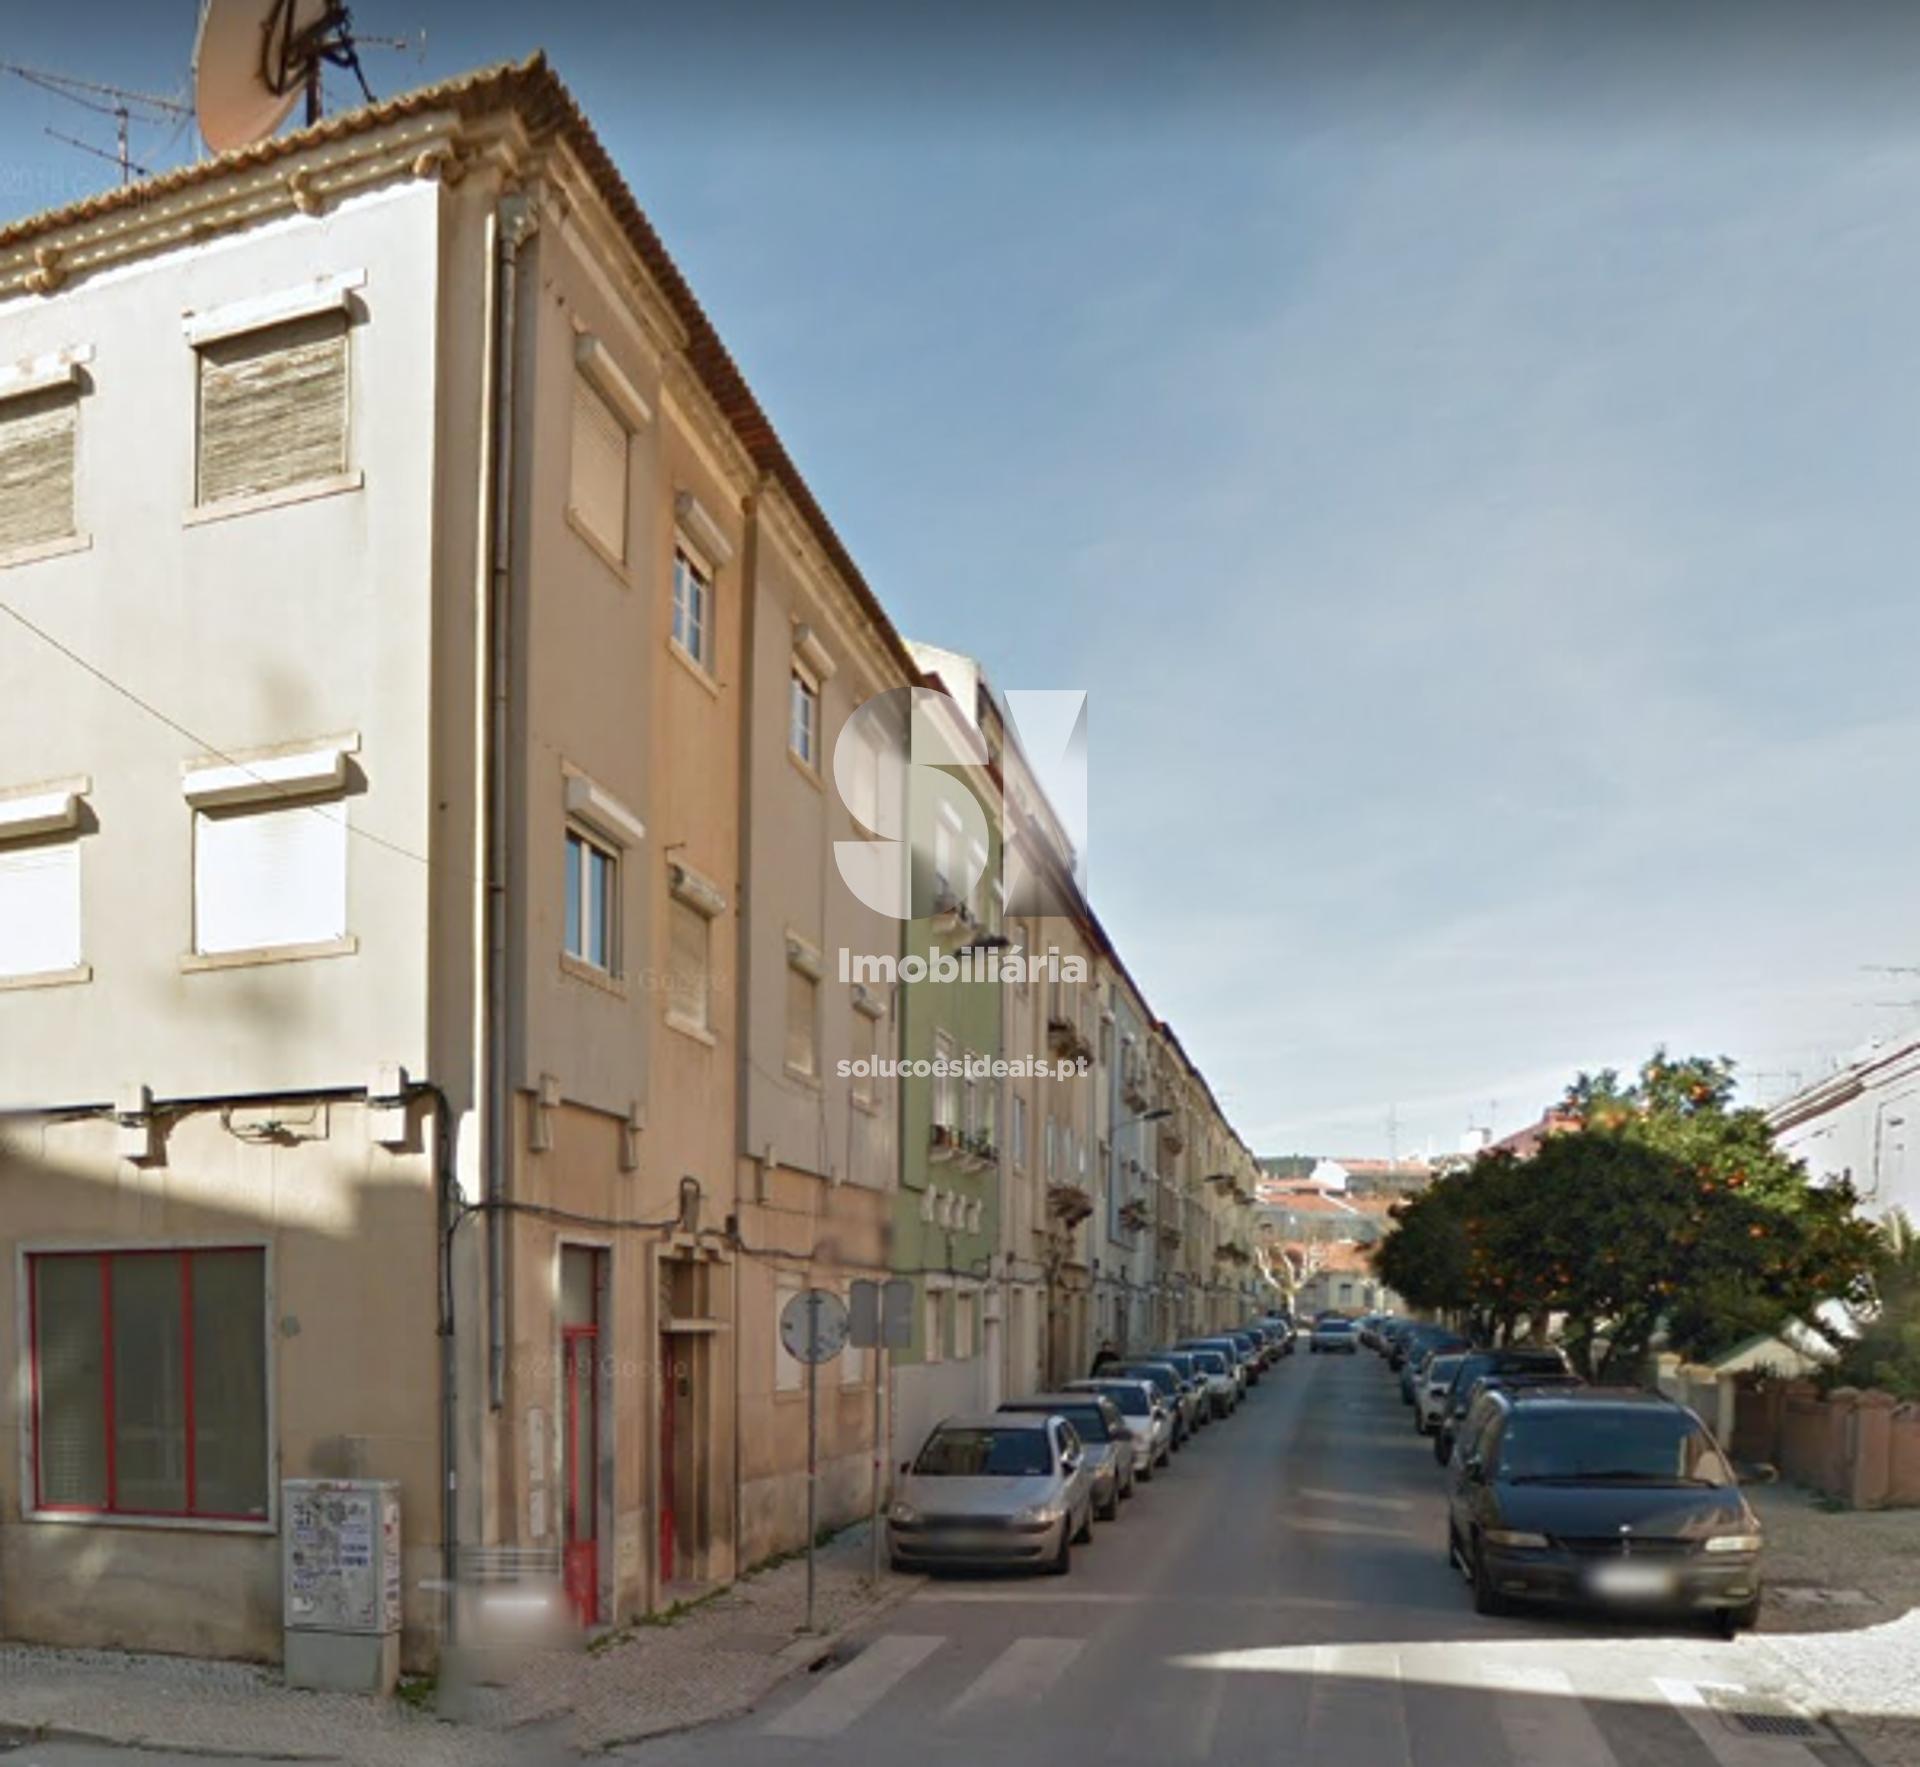 apartamento t2 para compra em vila franca de xira uniao das freguesias de alverca do ribatejo e sobralinho LARLO653